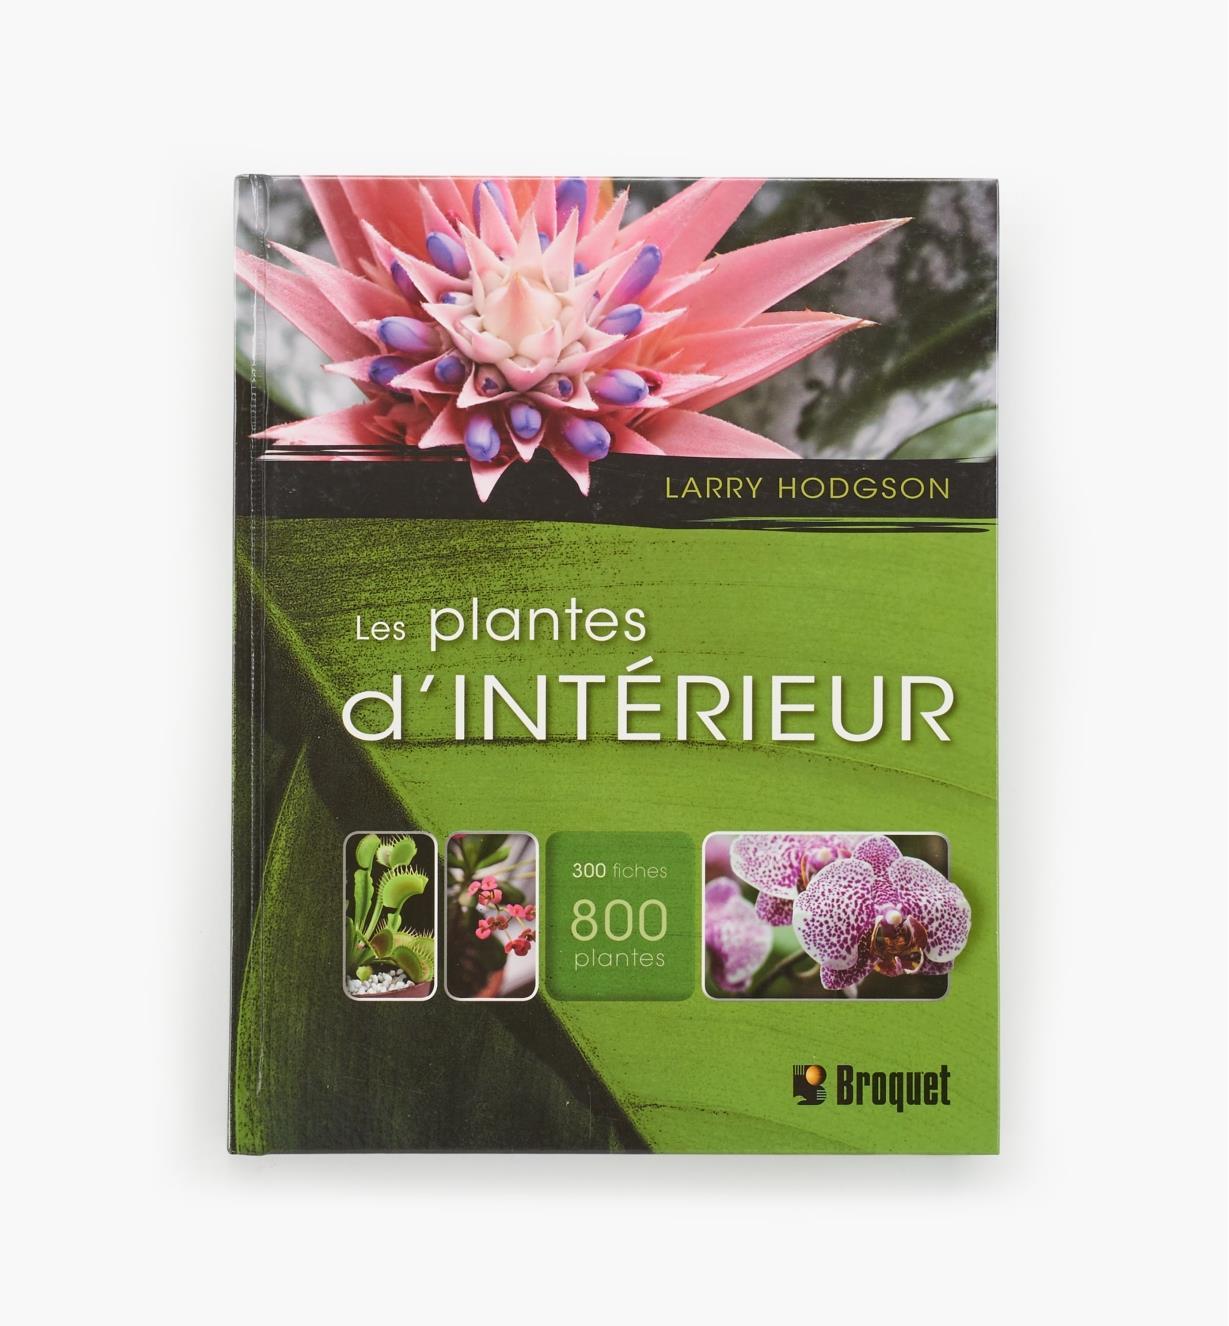 LD835 - Les plantes d'intérieur